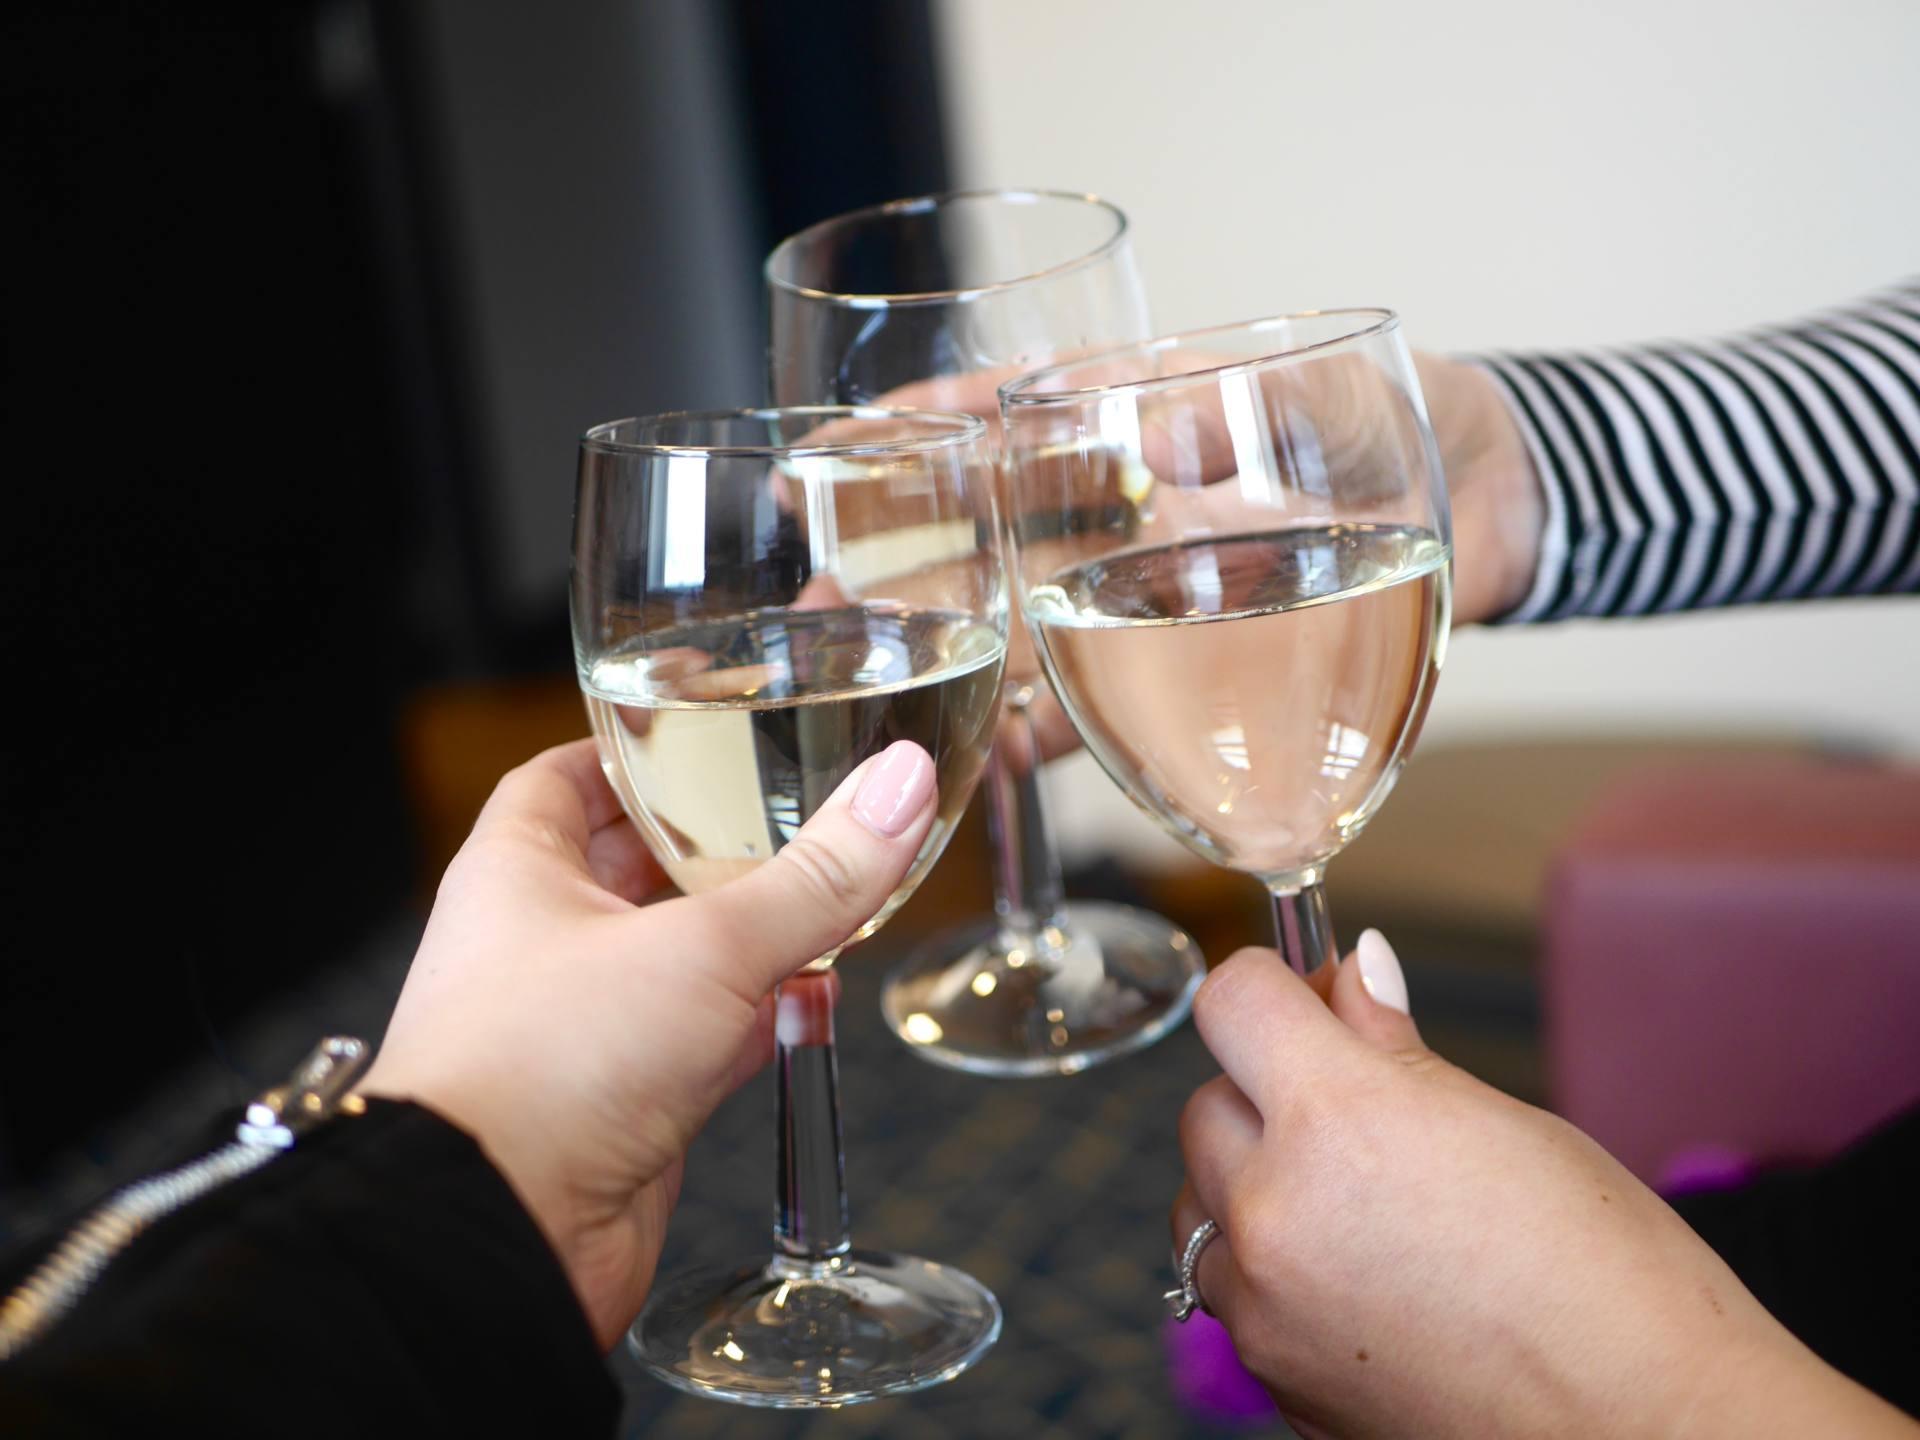 wine glasses toast cheers